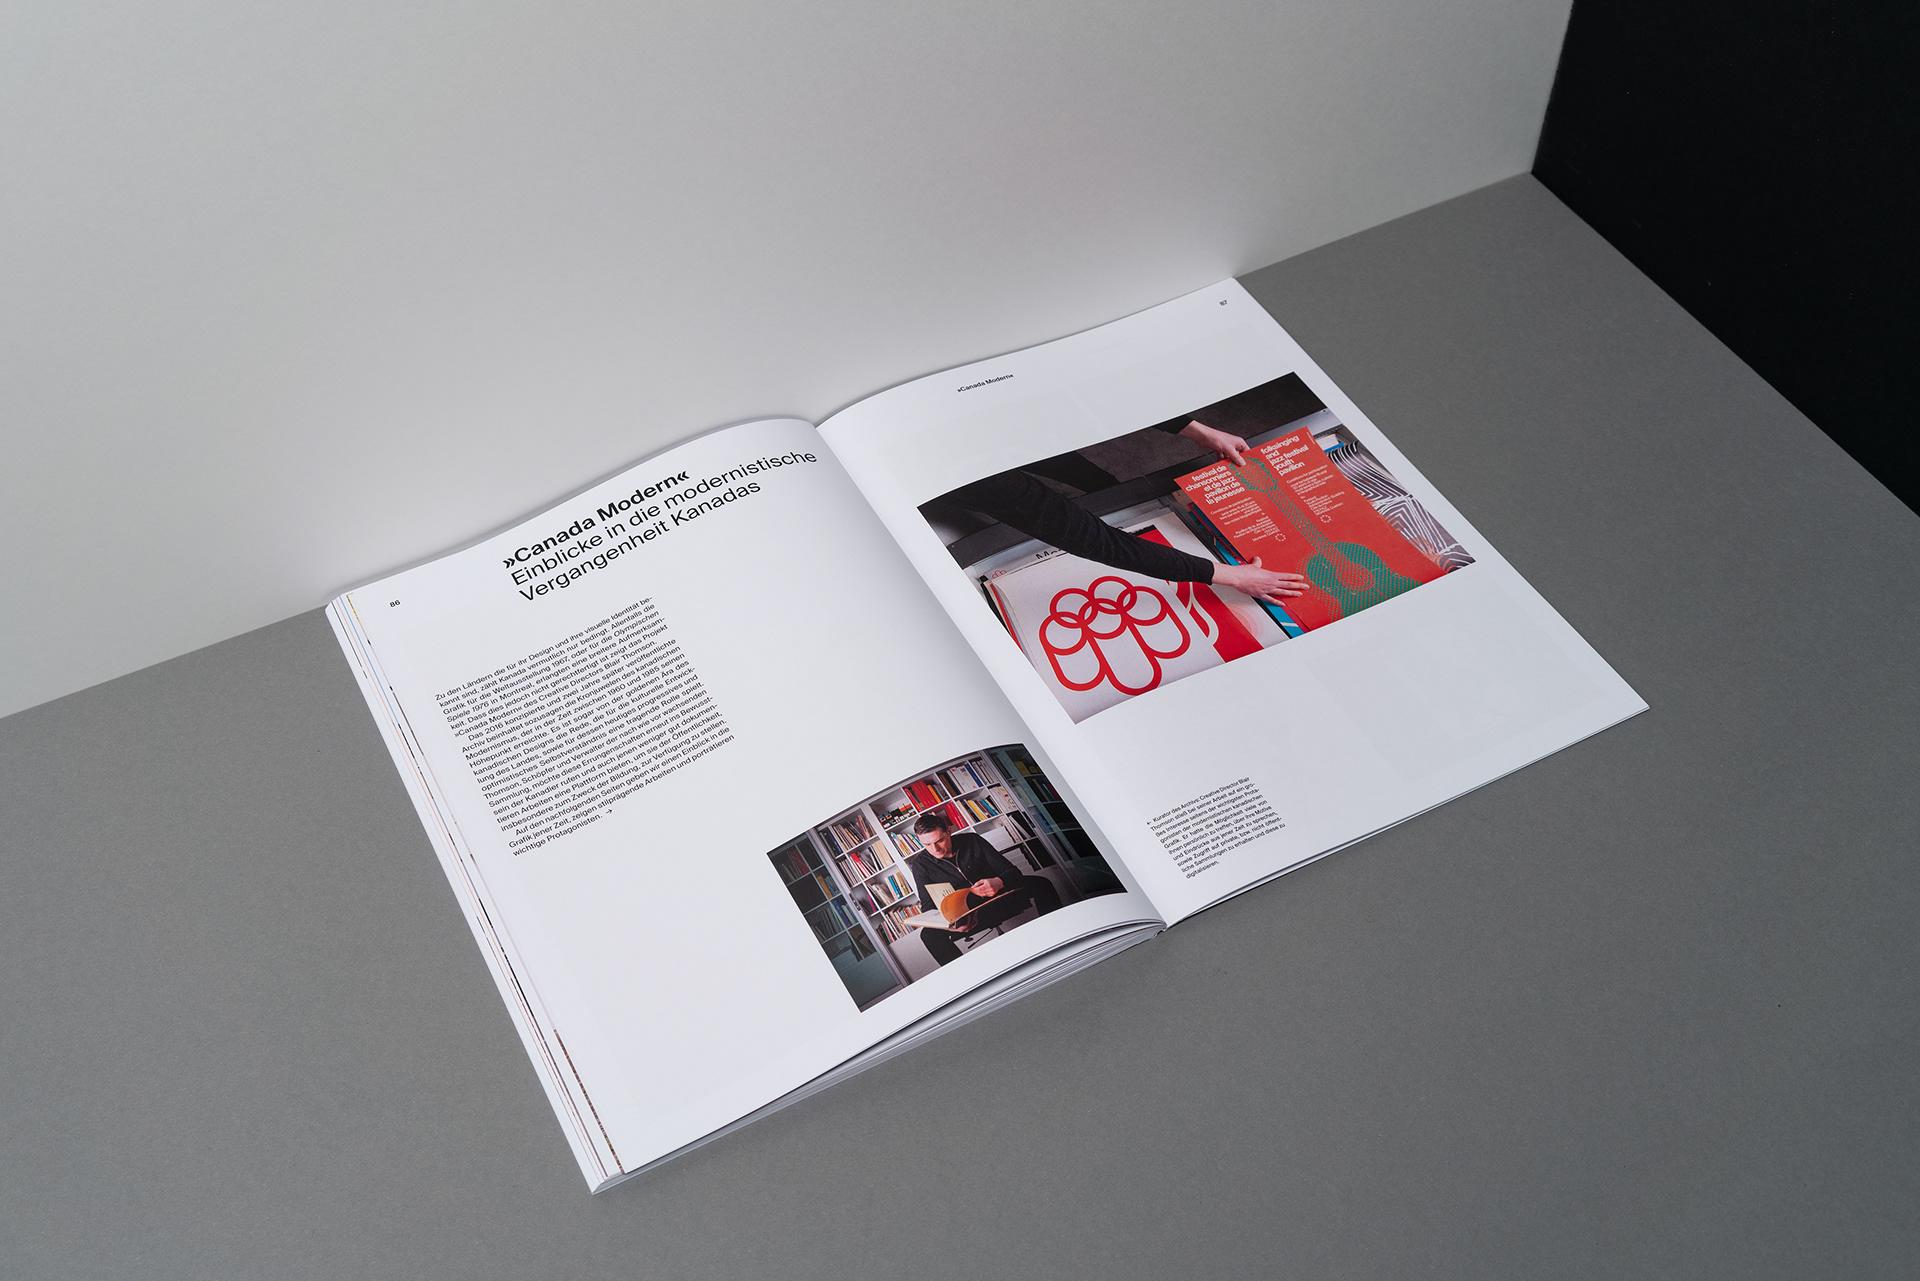 Subtiles_Design_Repros_Web_16